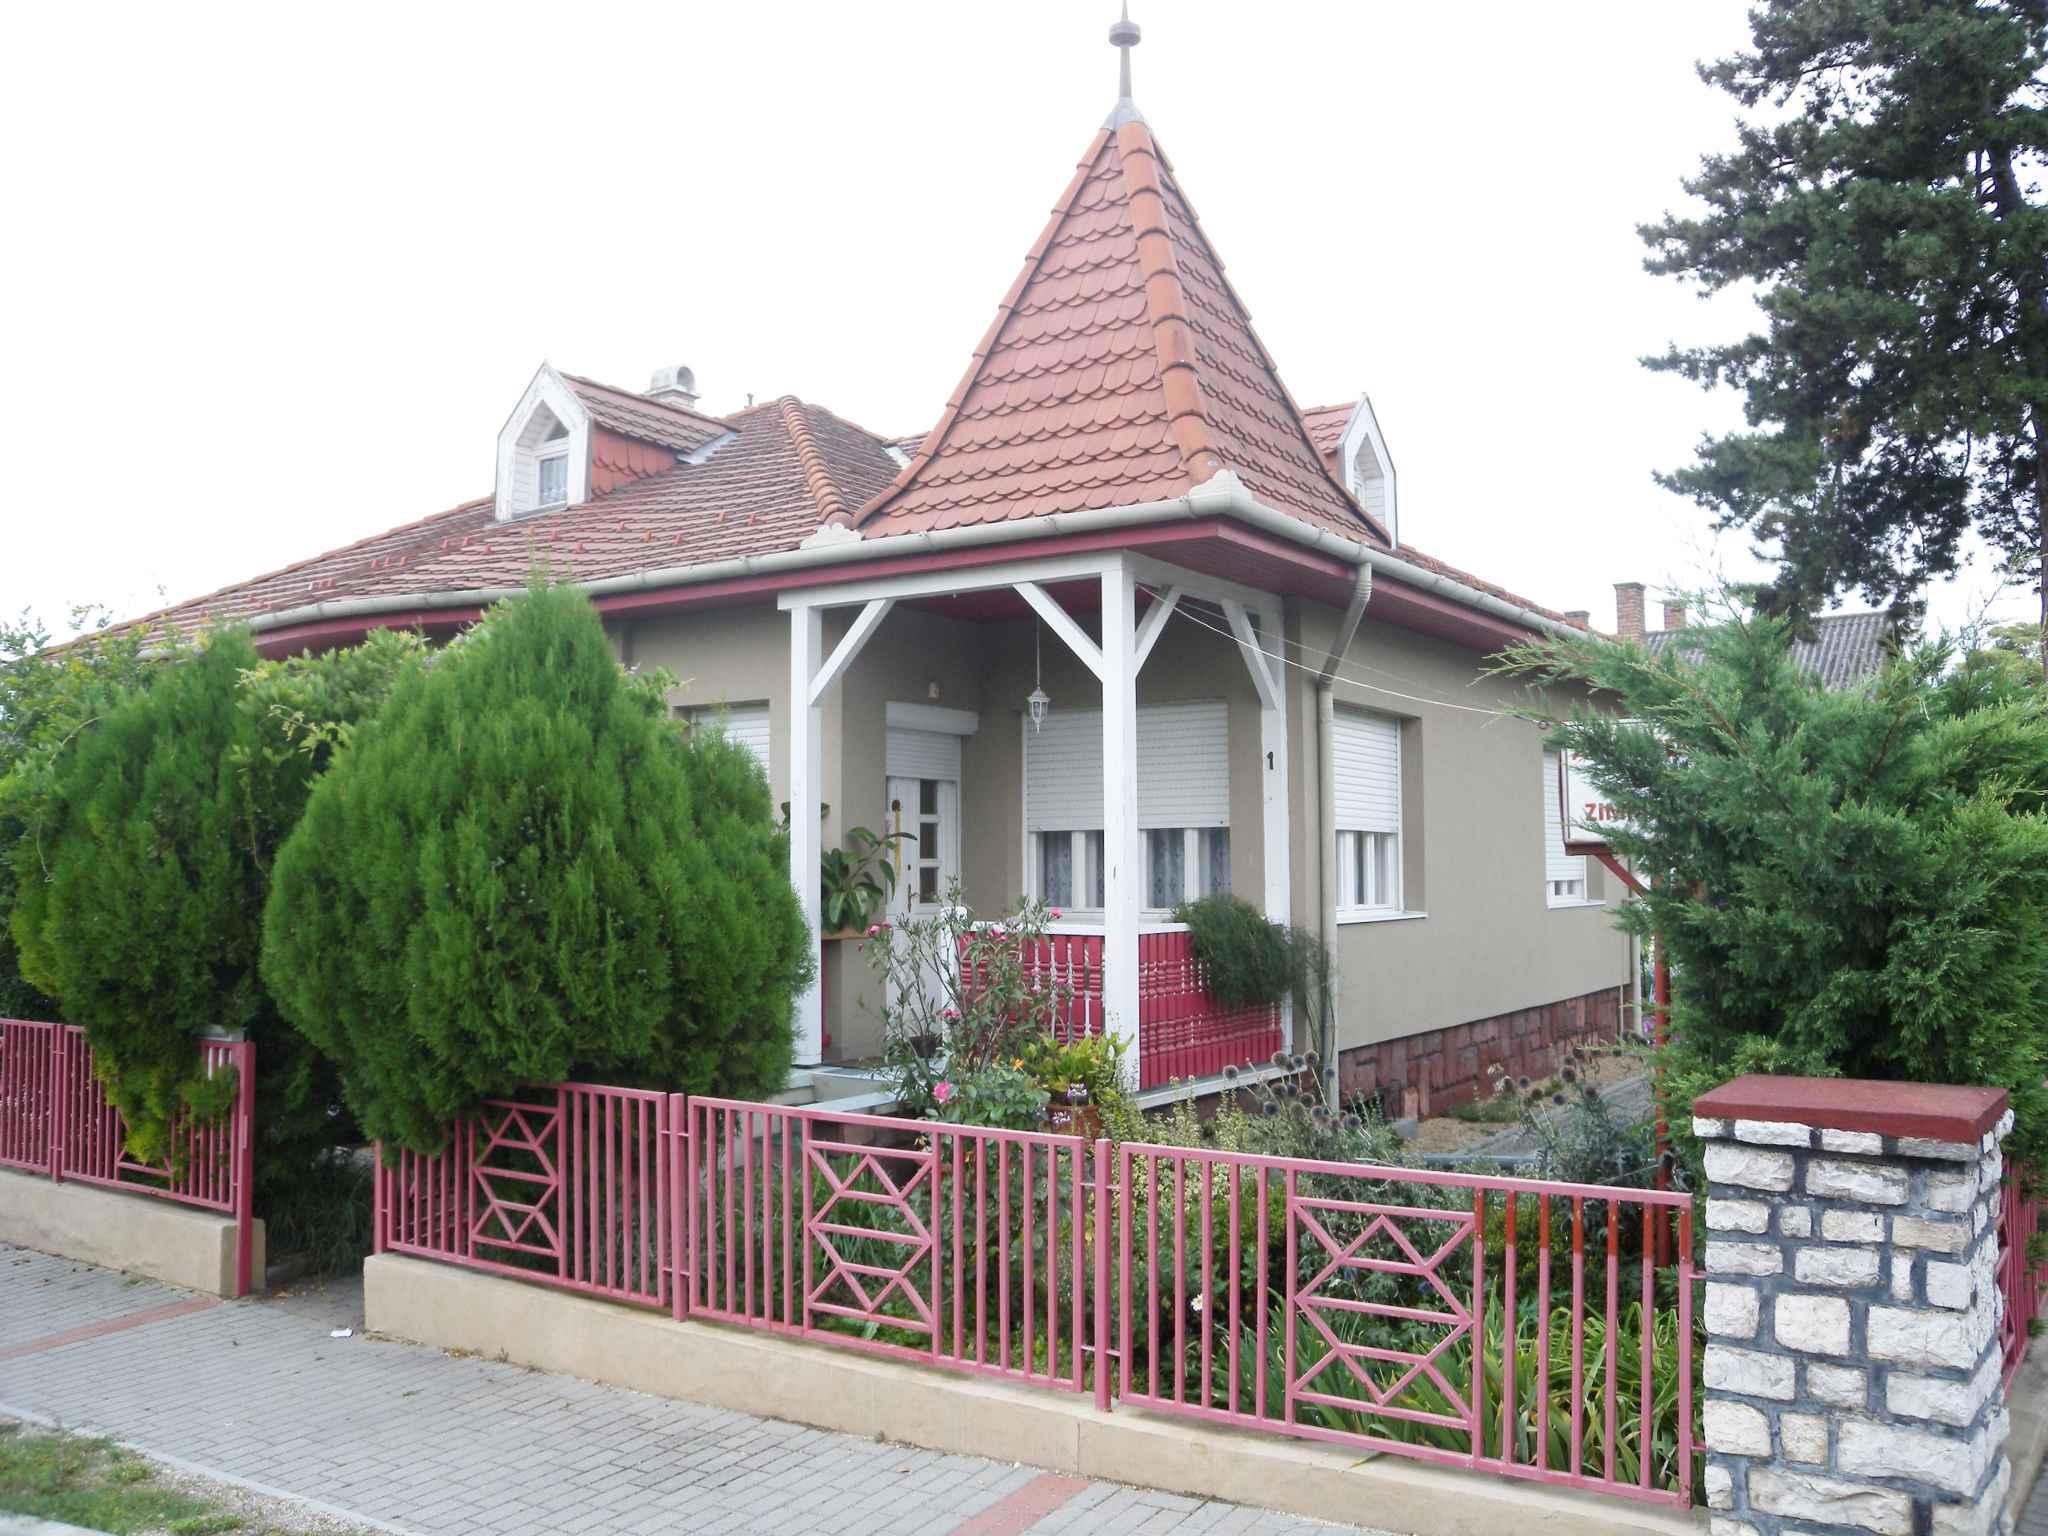 Ferienhaus in der Ferienzone von Siófok